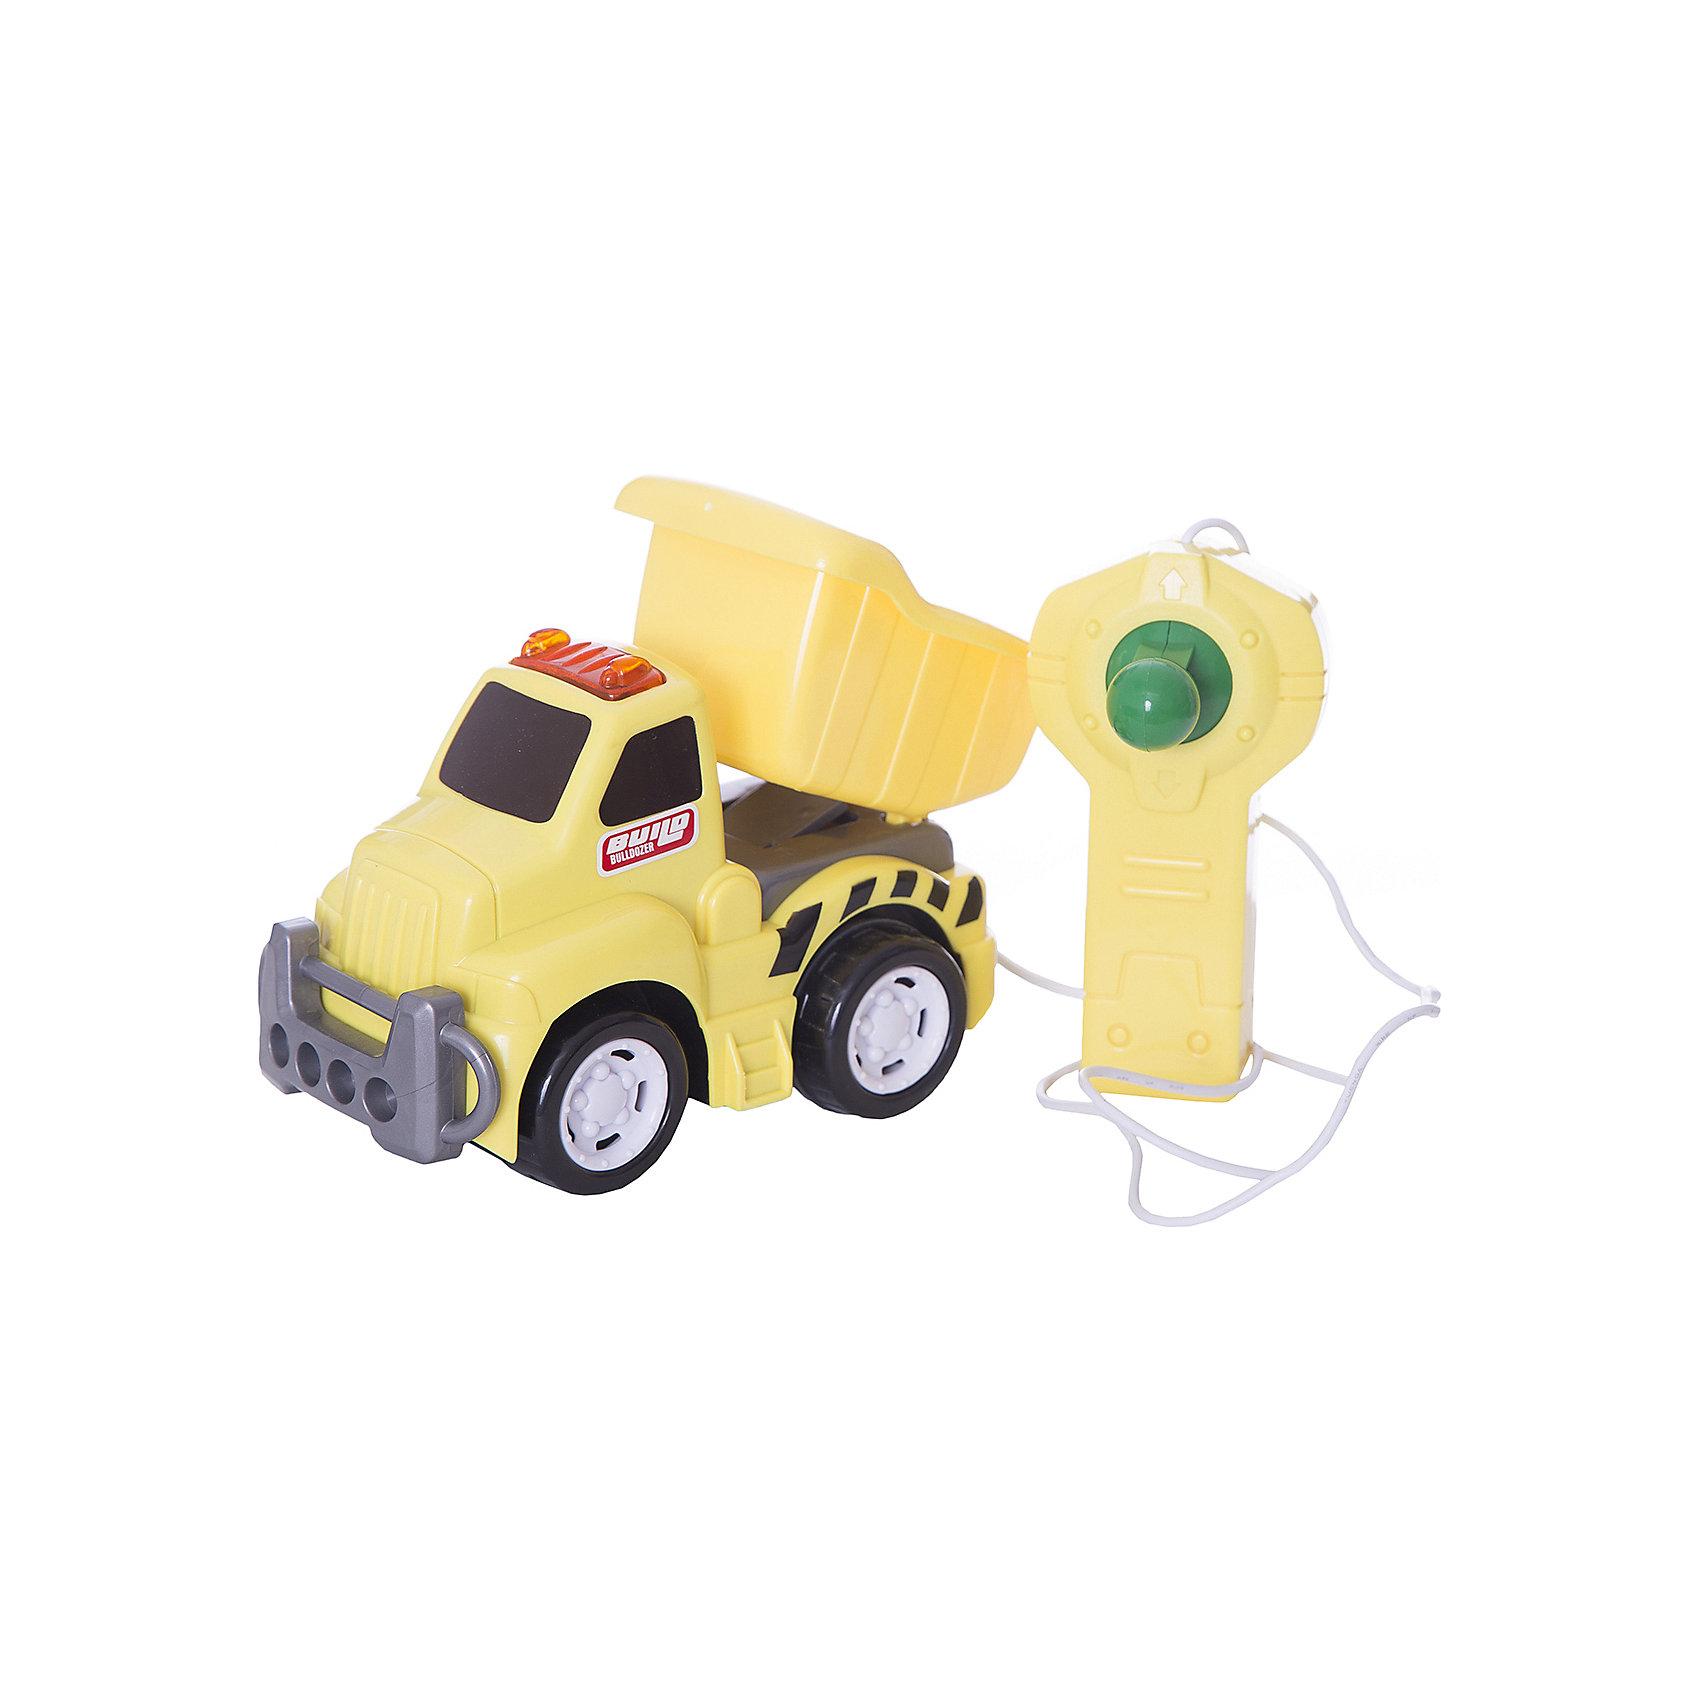 Грузовик, со светом, р/у, KeenwayРадиоуправляемый транспорт<br>Грузовик, со светом и управлением от Keenway - отличный подарок ребенку. Это красочная игрушка, которая обязательно понравится малышу. Она выполнена в виде яркой машинки, так похожей на настоящую. Управлять грузовиком можно при помощи пульта, соединенного с грузовиком проводом (длина провода - 85 см). На игрушке также загорается свет!<br>Игрушка по габаритам идеально подходит для маленьких ручек малыша. Весит совсем немного. Такие игрушки помогают развить мелкую моторику, логическое мышление и воображение ребенка. Эта игрушка выполнена из высококачественного прочного пластика, безопасного для детей.<br>  <br>Дополнительная информация:<br><br>цвет: разноцветный;<br>материал: пластик;<br>размер упаковки: 28.6 х 15.2 х 10.8  см;<br>батарейки: 2ХхАА, в комплекте;<br>вес: 719 г.<br><br>Грузовик, со светом, р/у, от компании Keenway можно купить в нашем магазине.<br><br>Ширина мм: 88<br>Глубина мм: 381<br>Высота мм: 203<br>Вес г: 719<br>Возраст от месяцев: 36<br>Возраст до месяцев: 120<br>Пол: Мужской<br>Возраст: Детский<br>SKU: 4810963